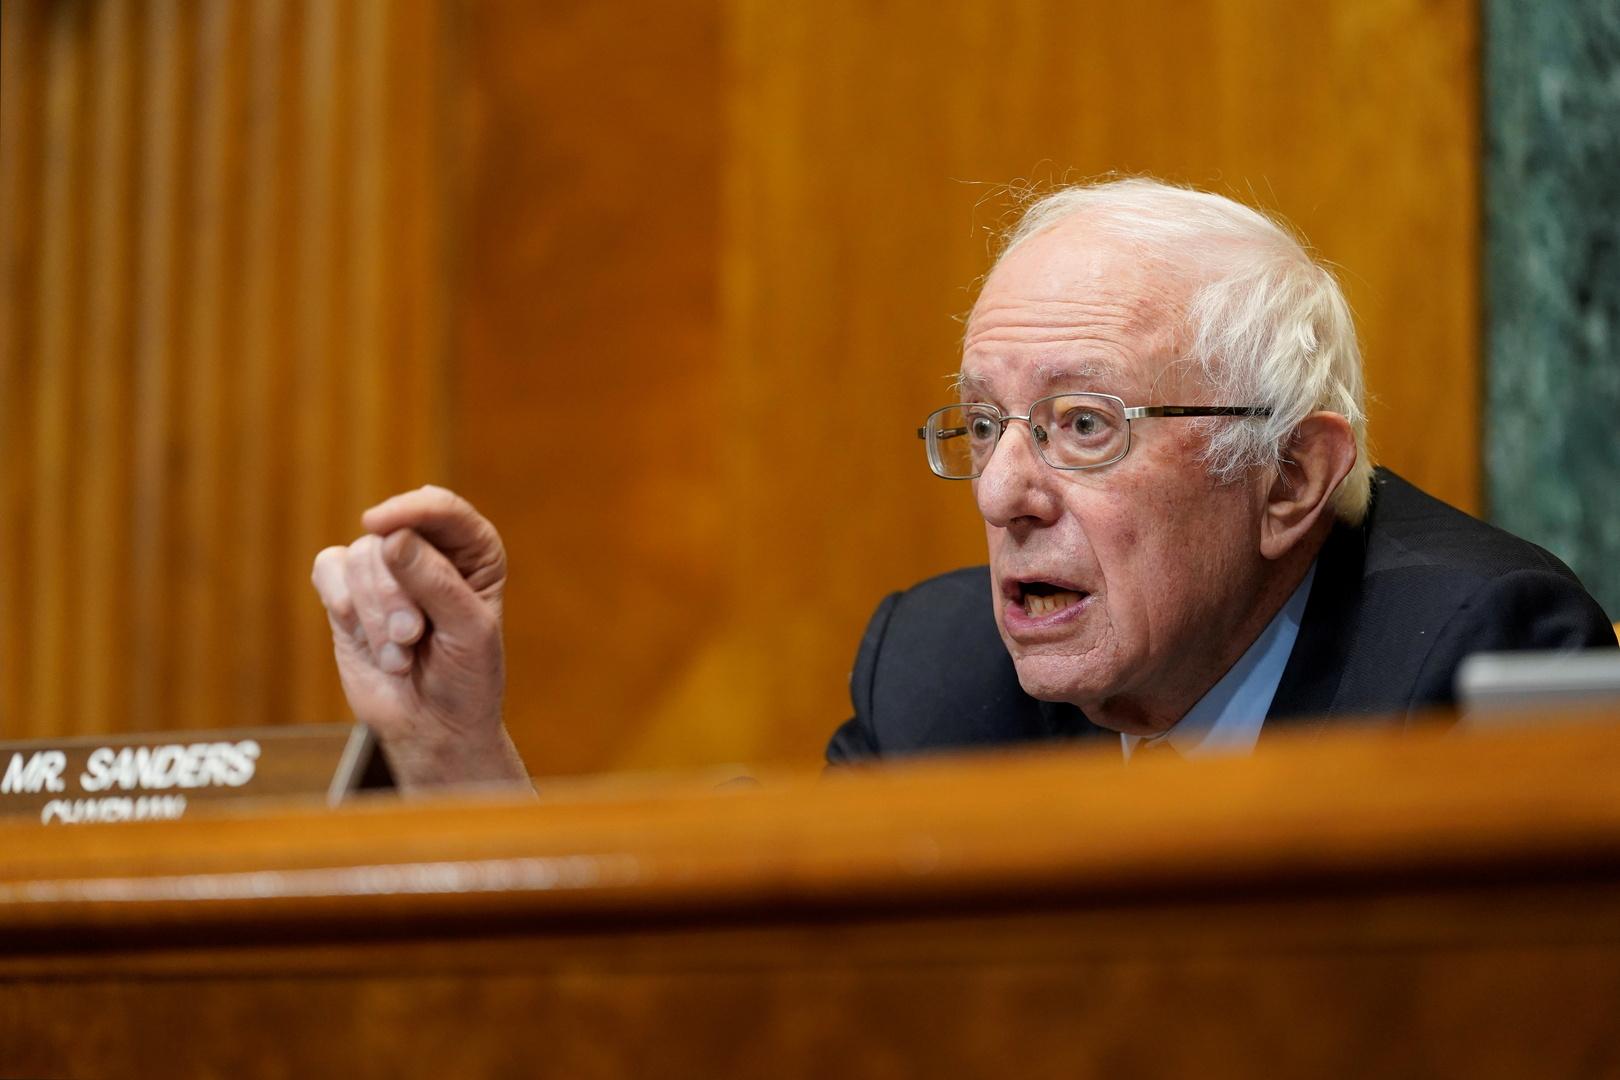 ساندرز يتخلى عن فرض تصويت لمنع بيع أسلحة لإسرائيل